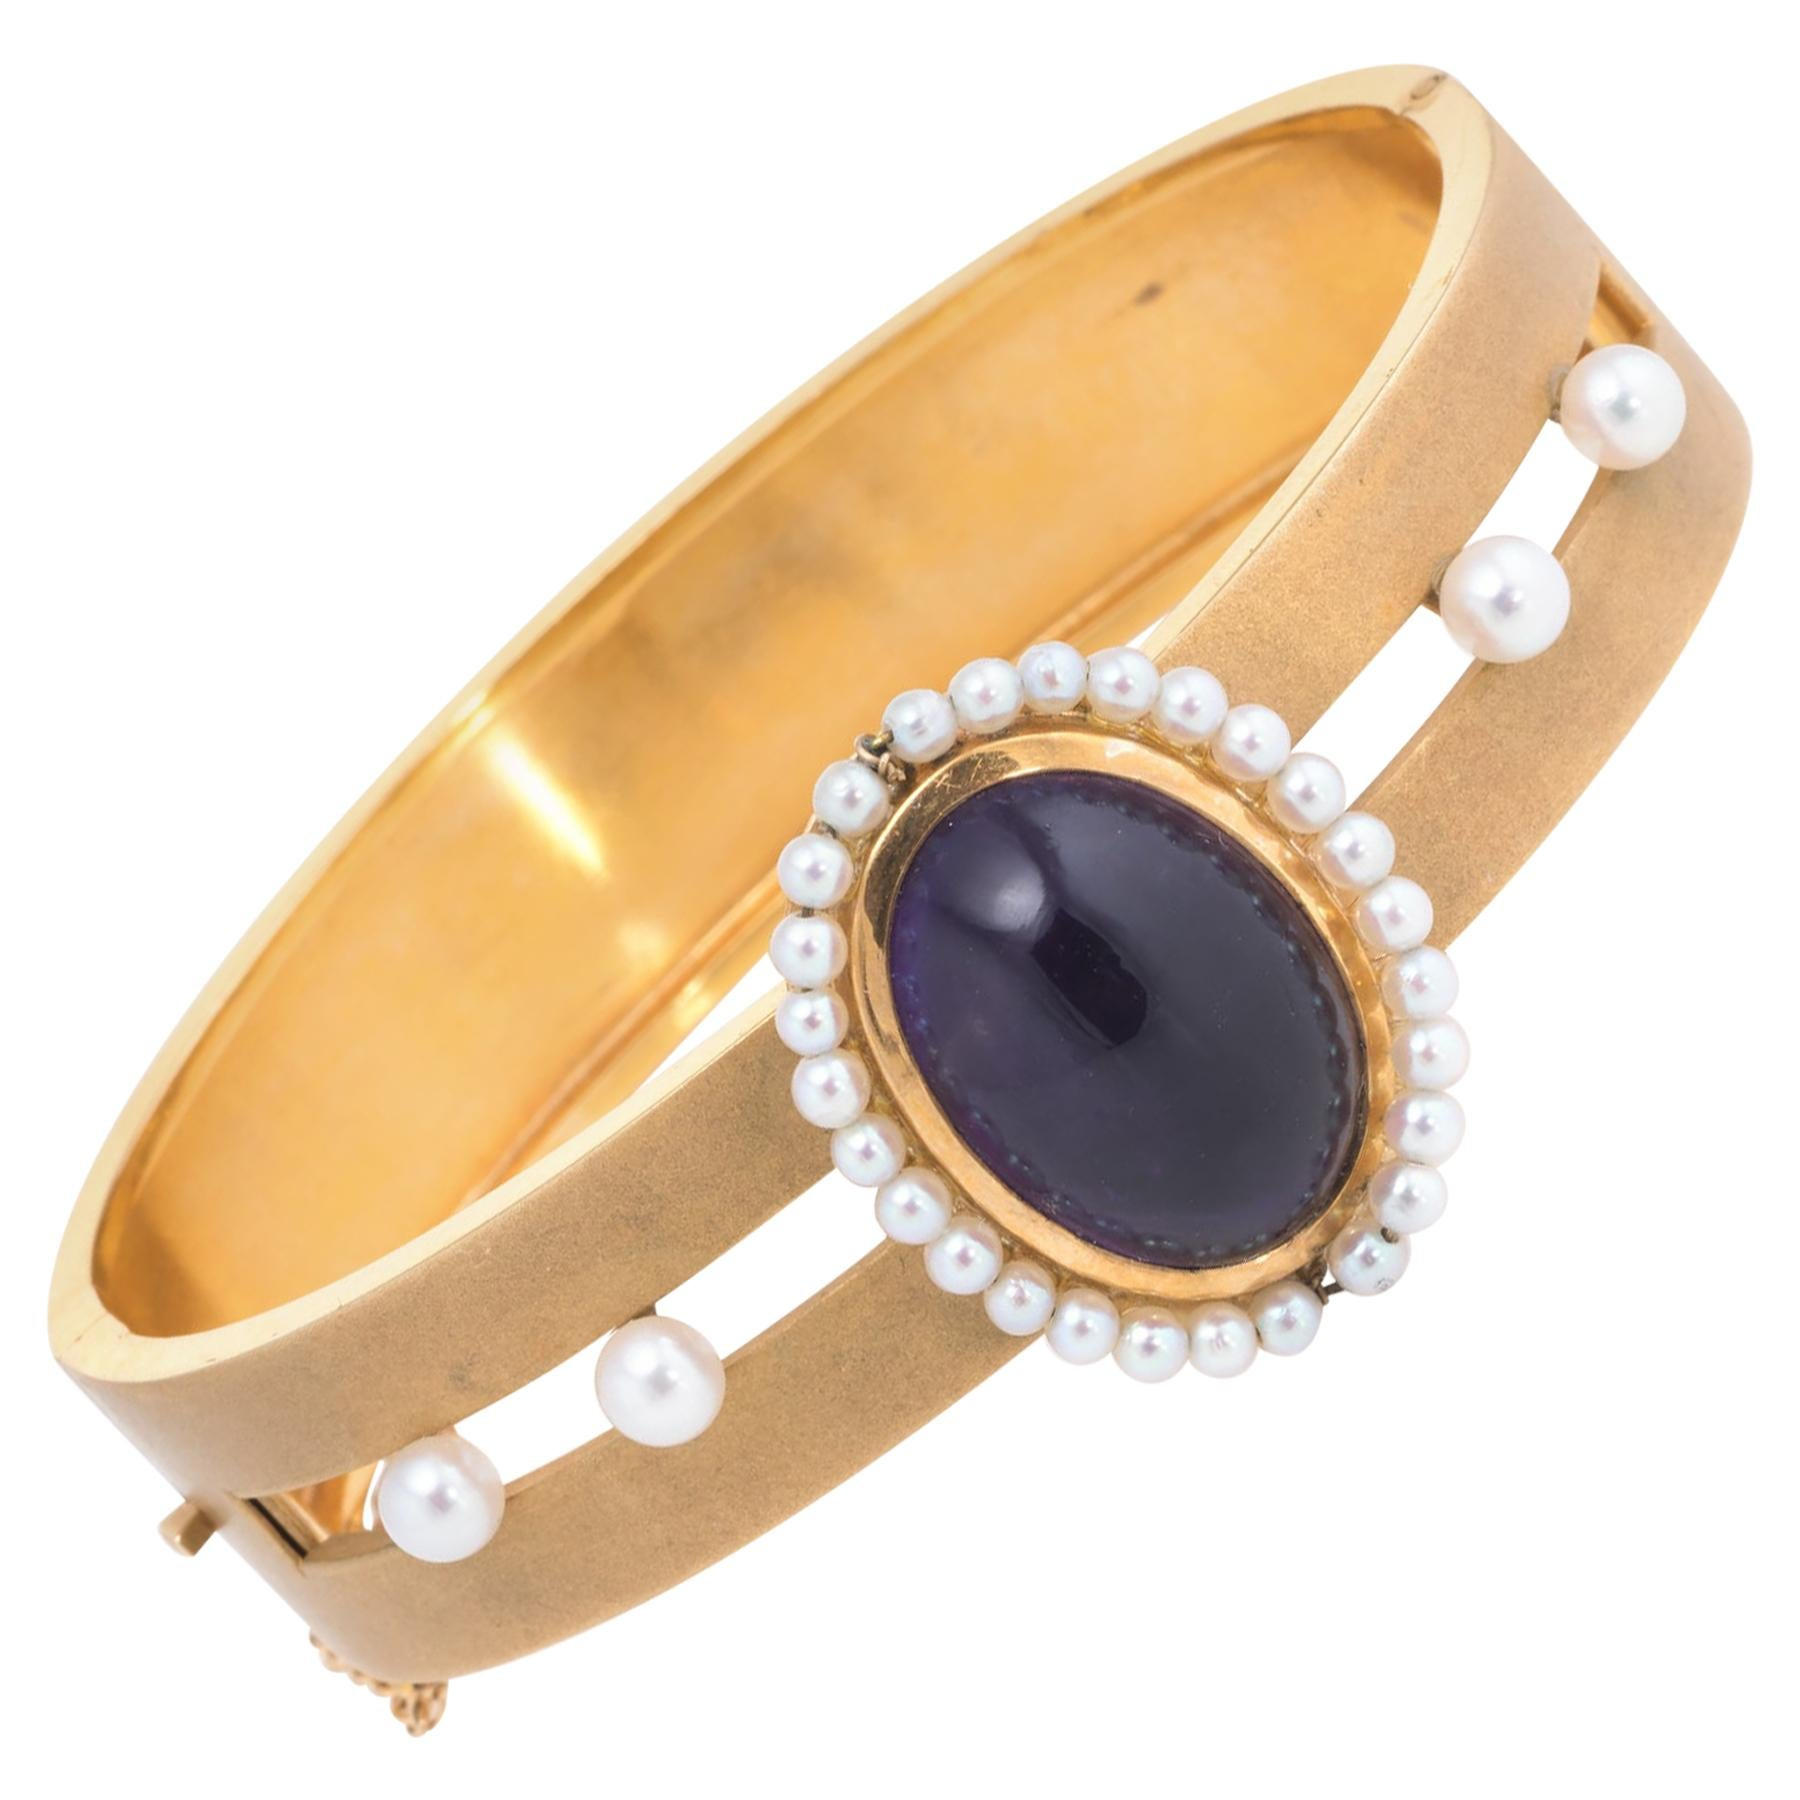 Antique Deco Amethyst Cultured Pearl Bangle Bracelet Vintage 14 Karat Gold